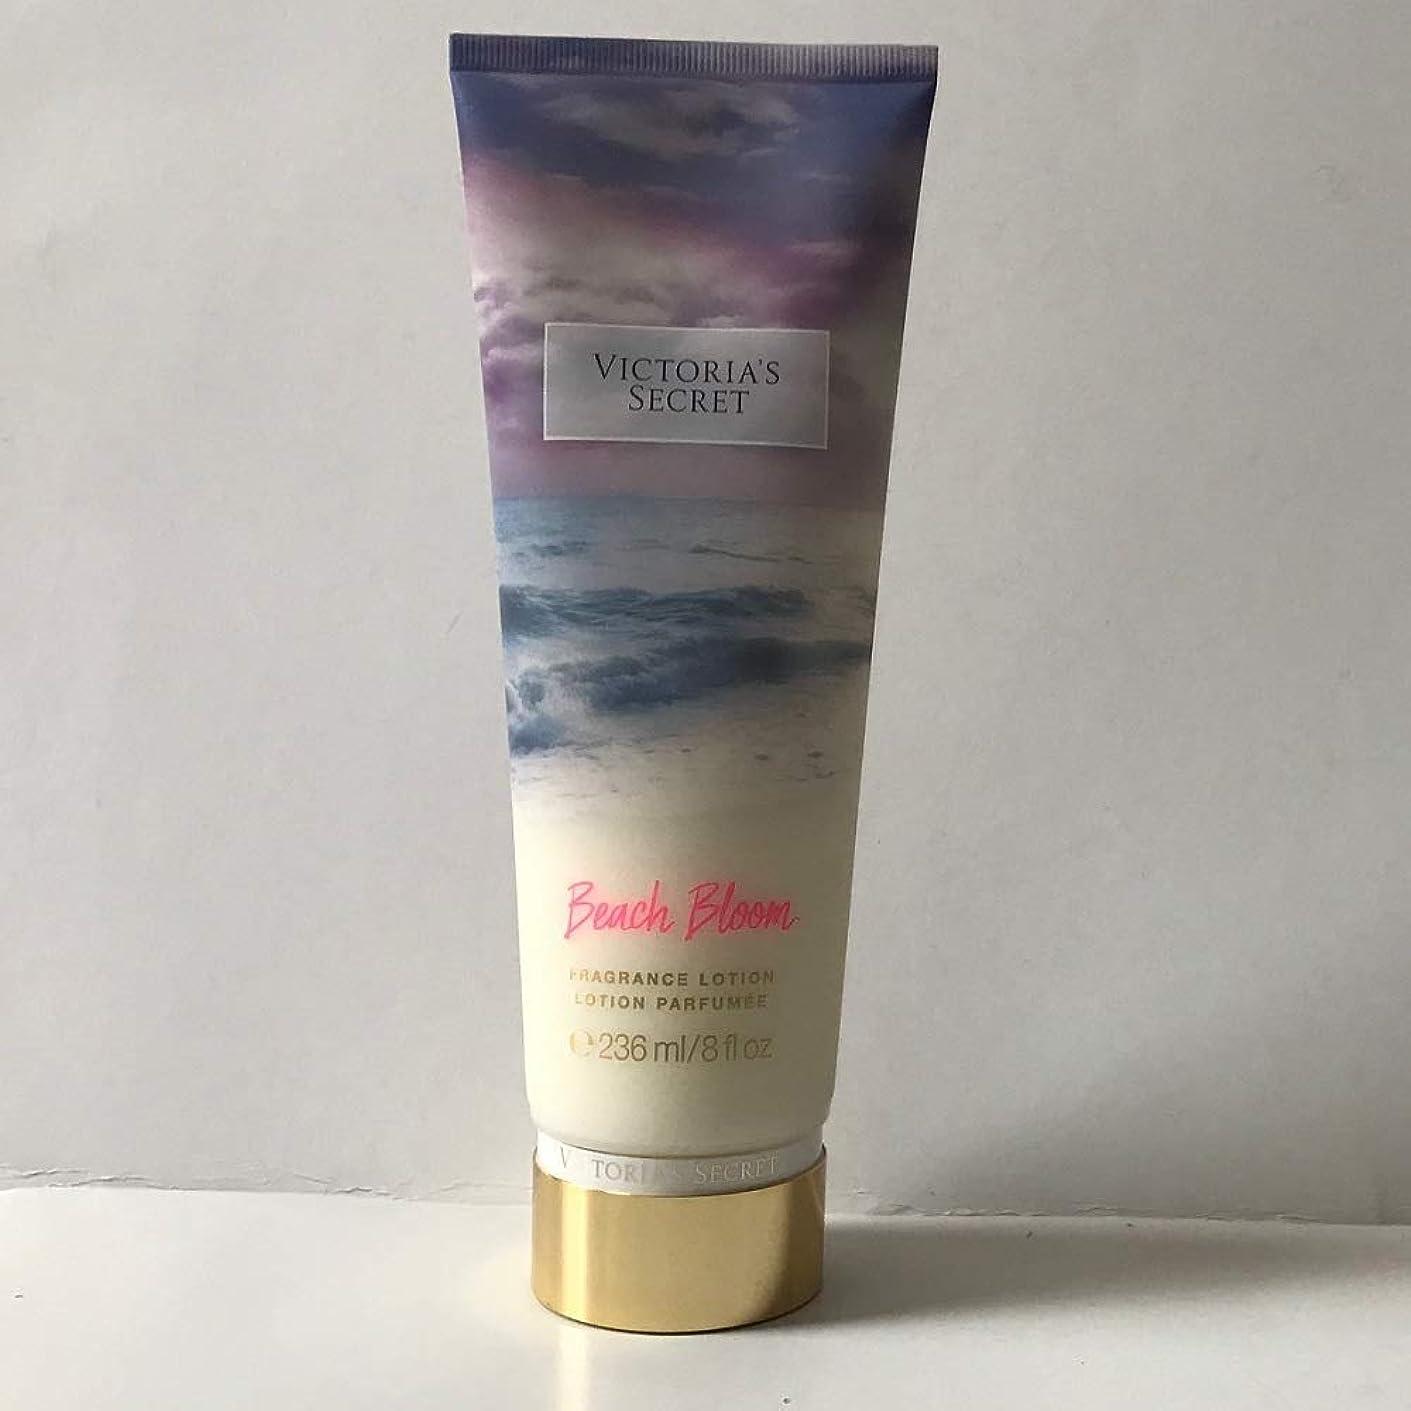 ヒップクックミシンフレグランスローション Fragrance Lotion ヴィクトリアズシークレット Victoria'sSecret (58LTD.ビーチブルーム/BeachBloom-LTD) [並行輸入品]